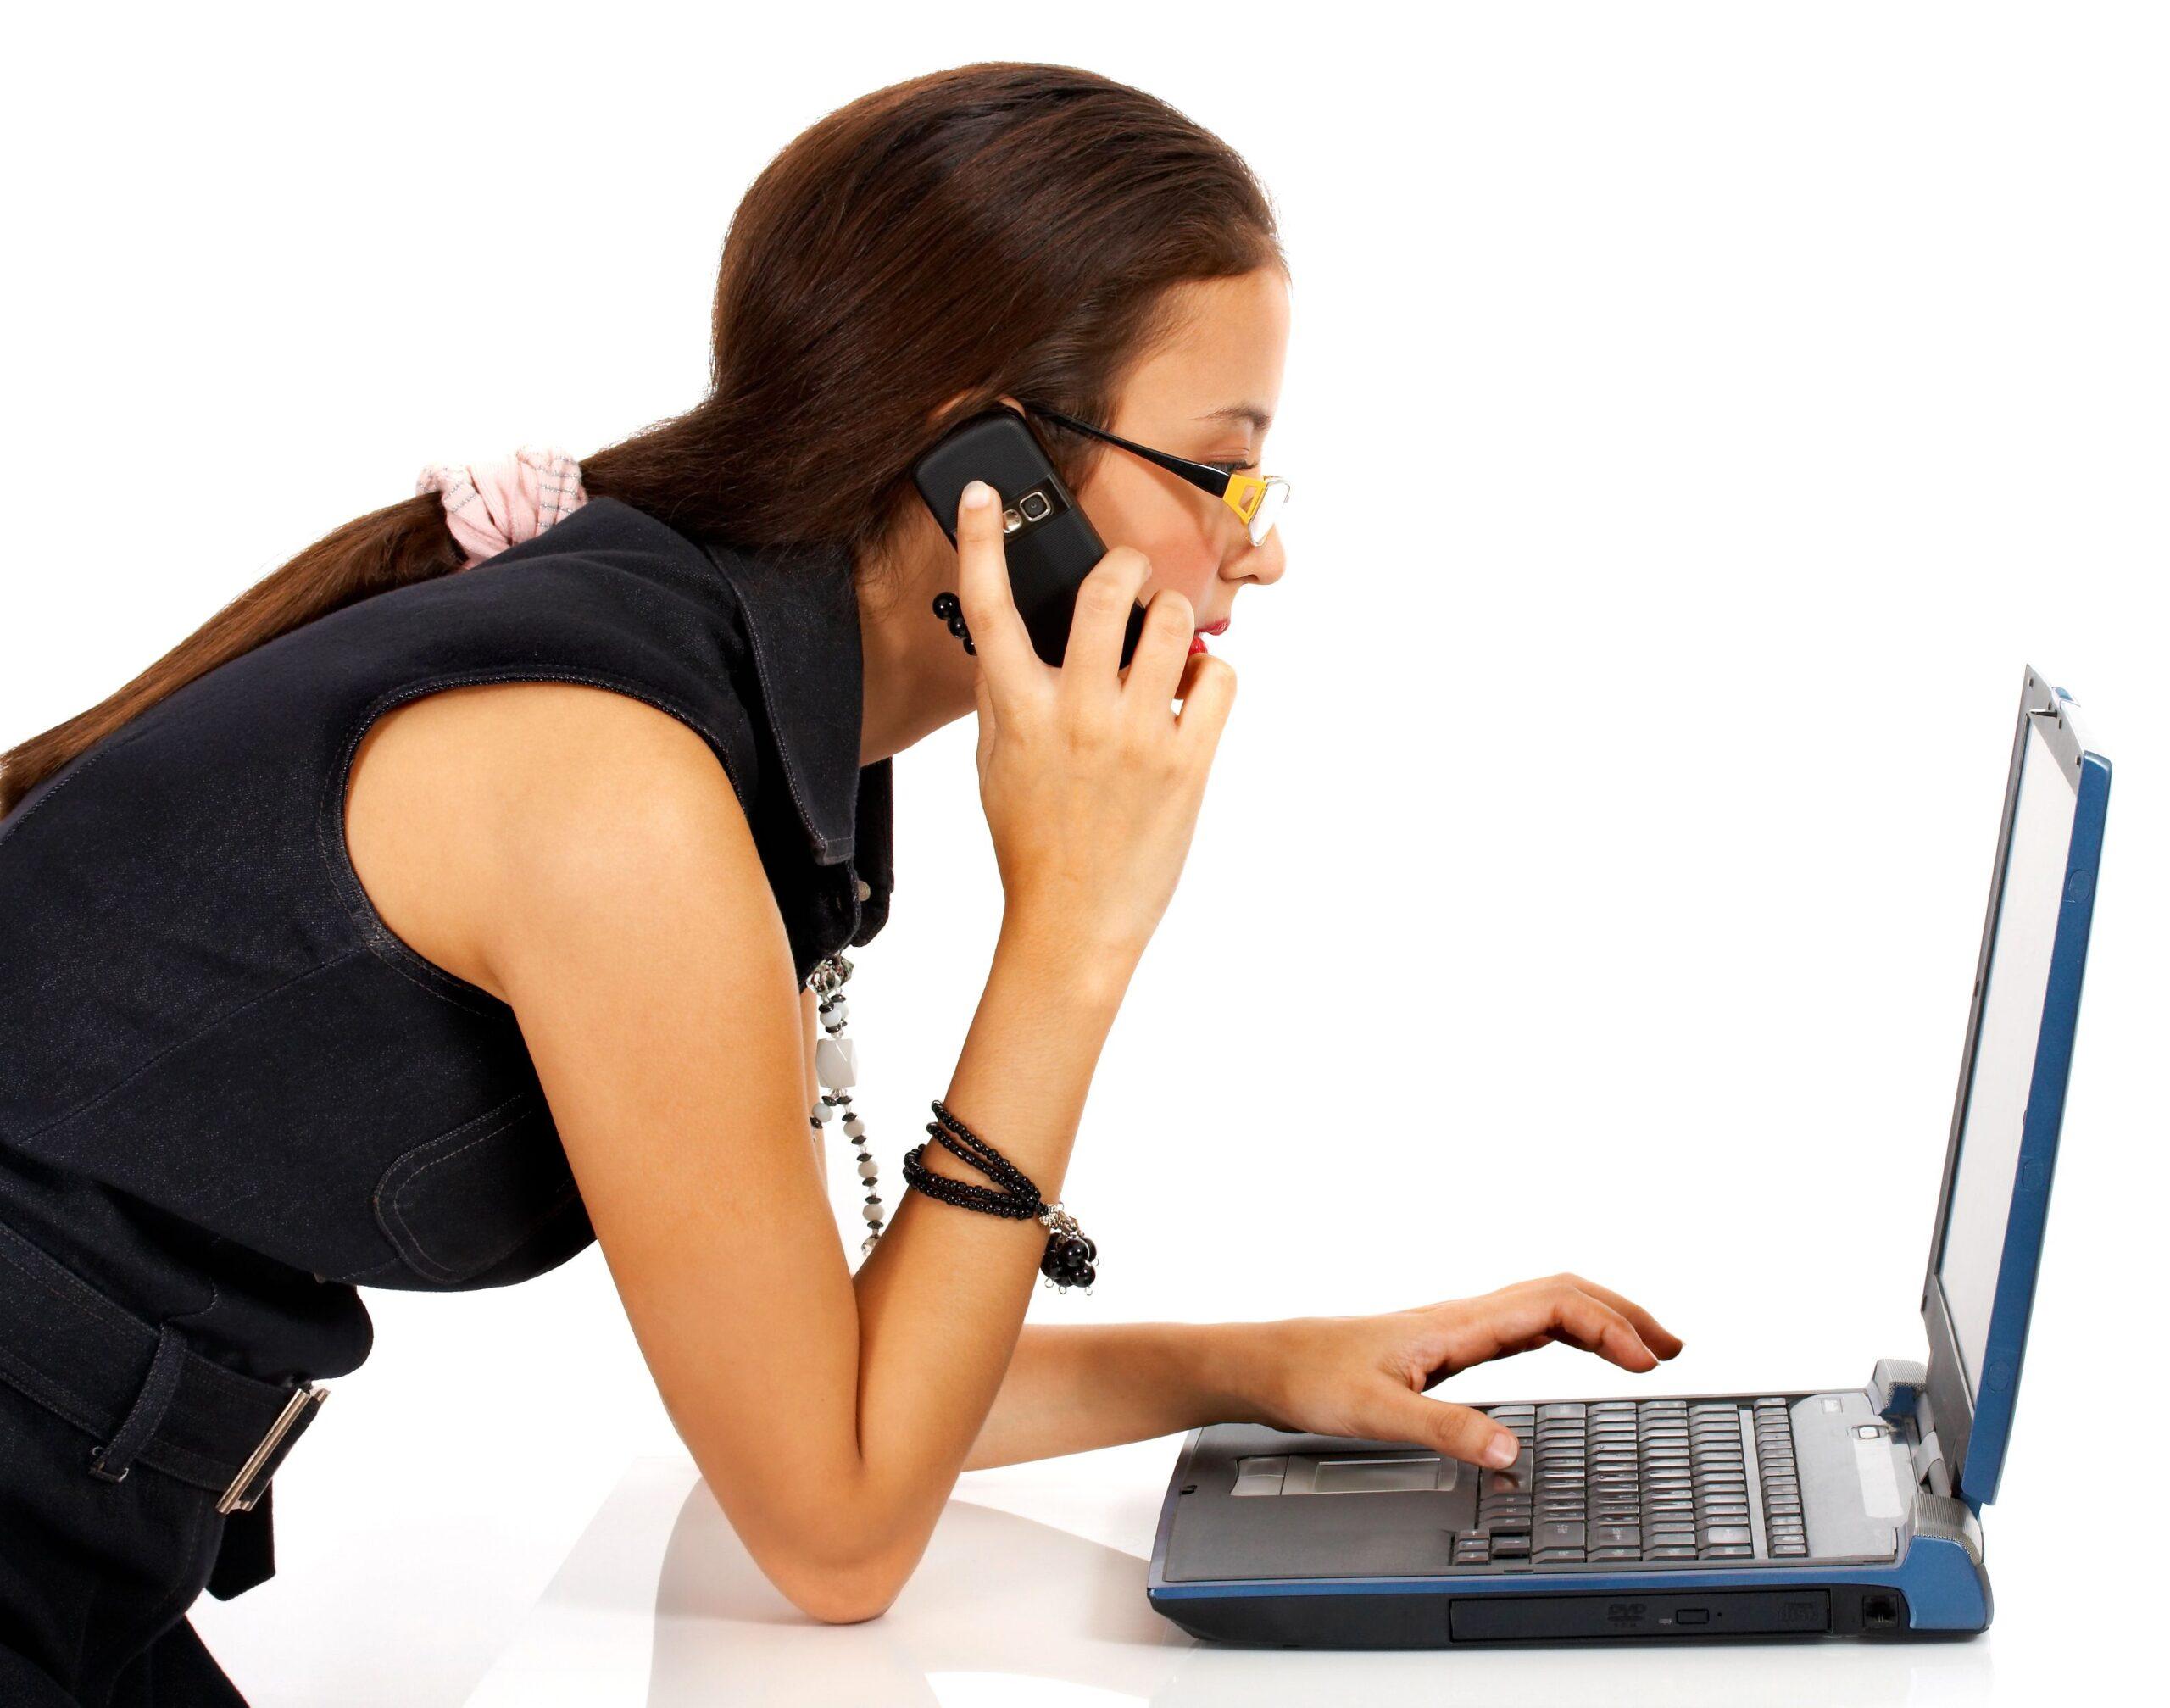 Come posizionare le mani su tastiera e mouse?